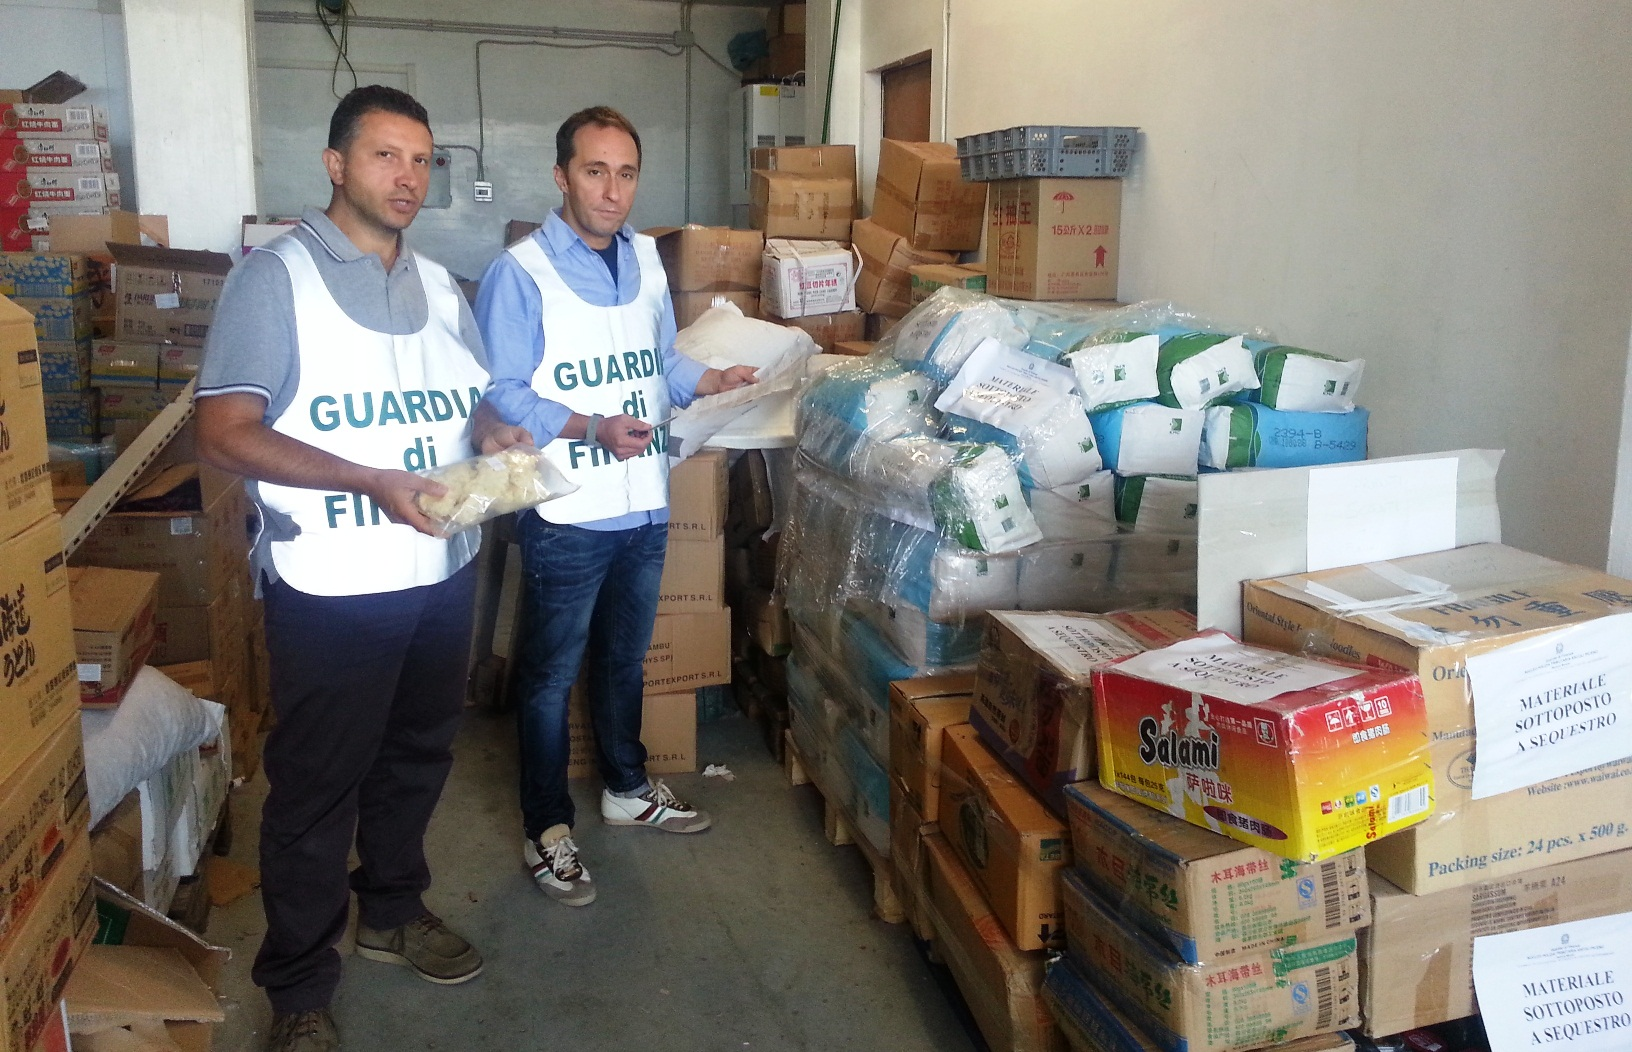 Sequestro di una tonnellata di alimenti scaduti a Porto Sant'Elpidio